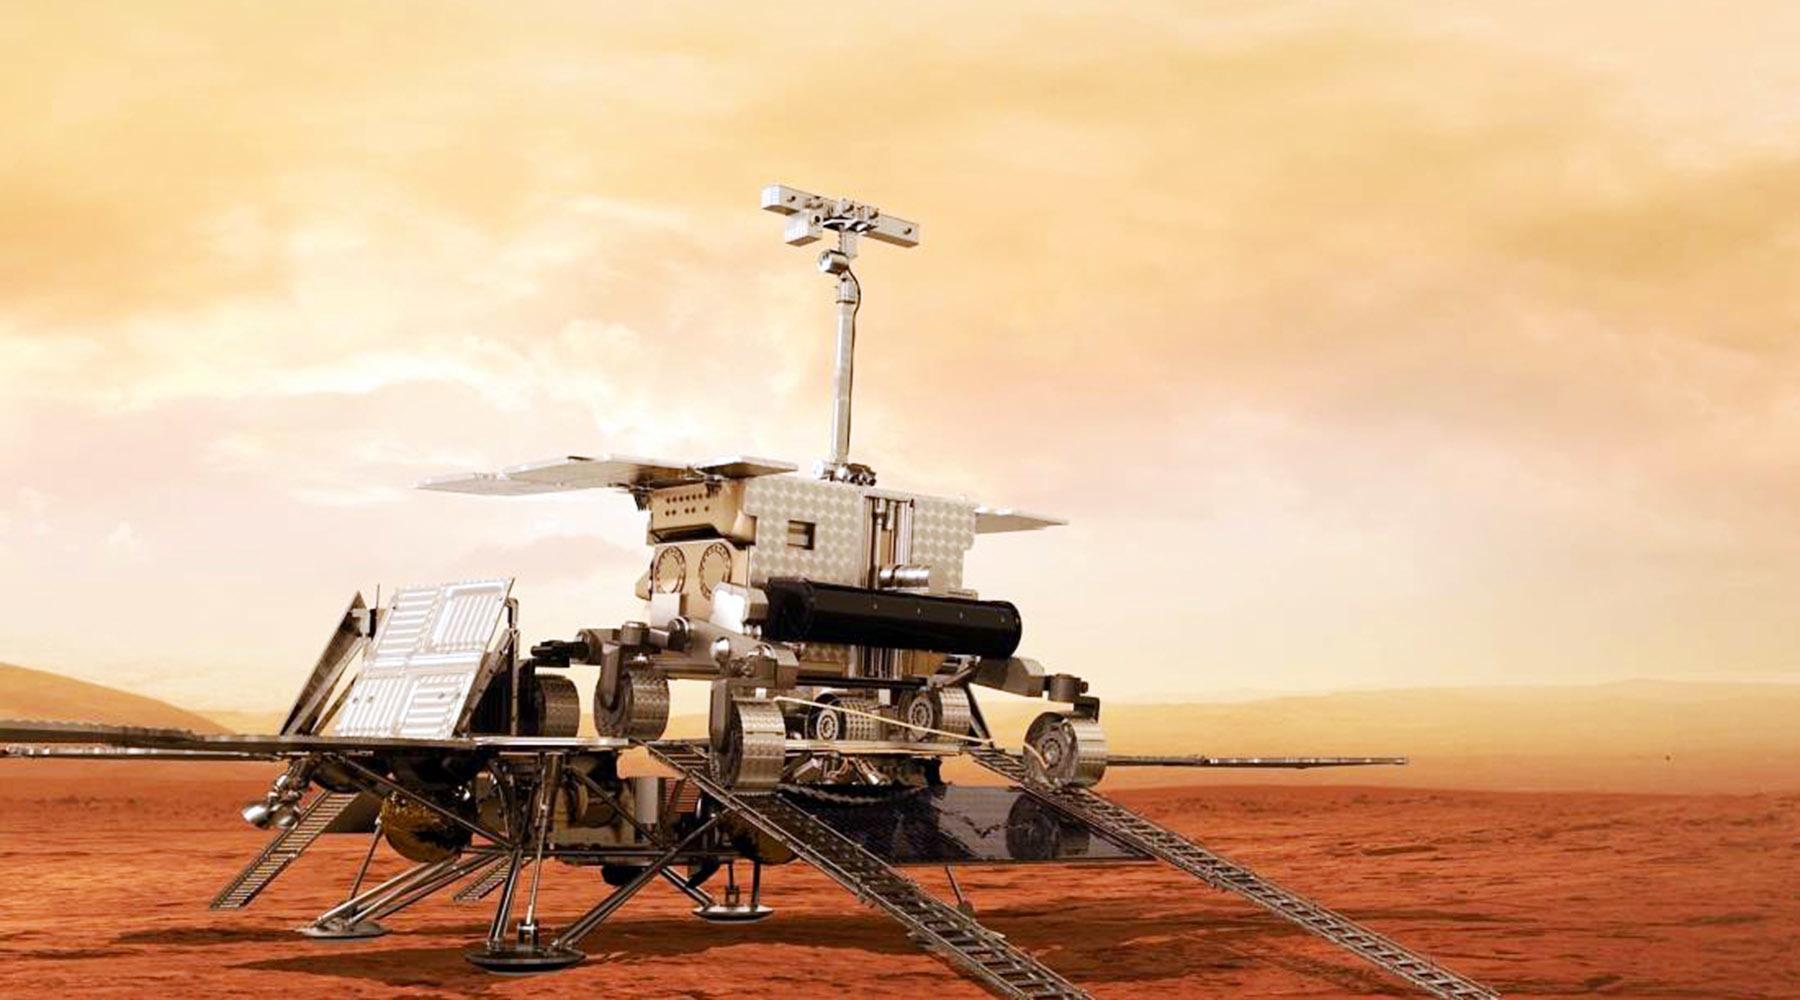 Марсианский «Казачок» и карта Галактики: астрофизик Александр Лутовинов — о космических проектах с участием России